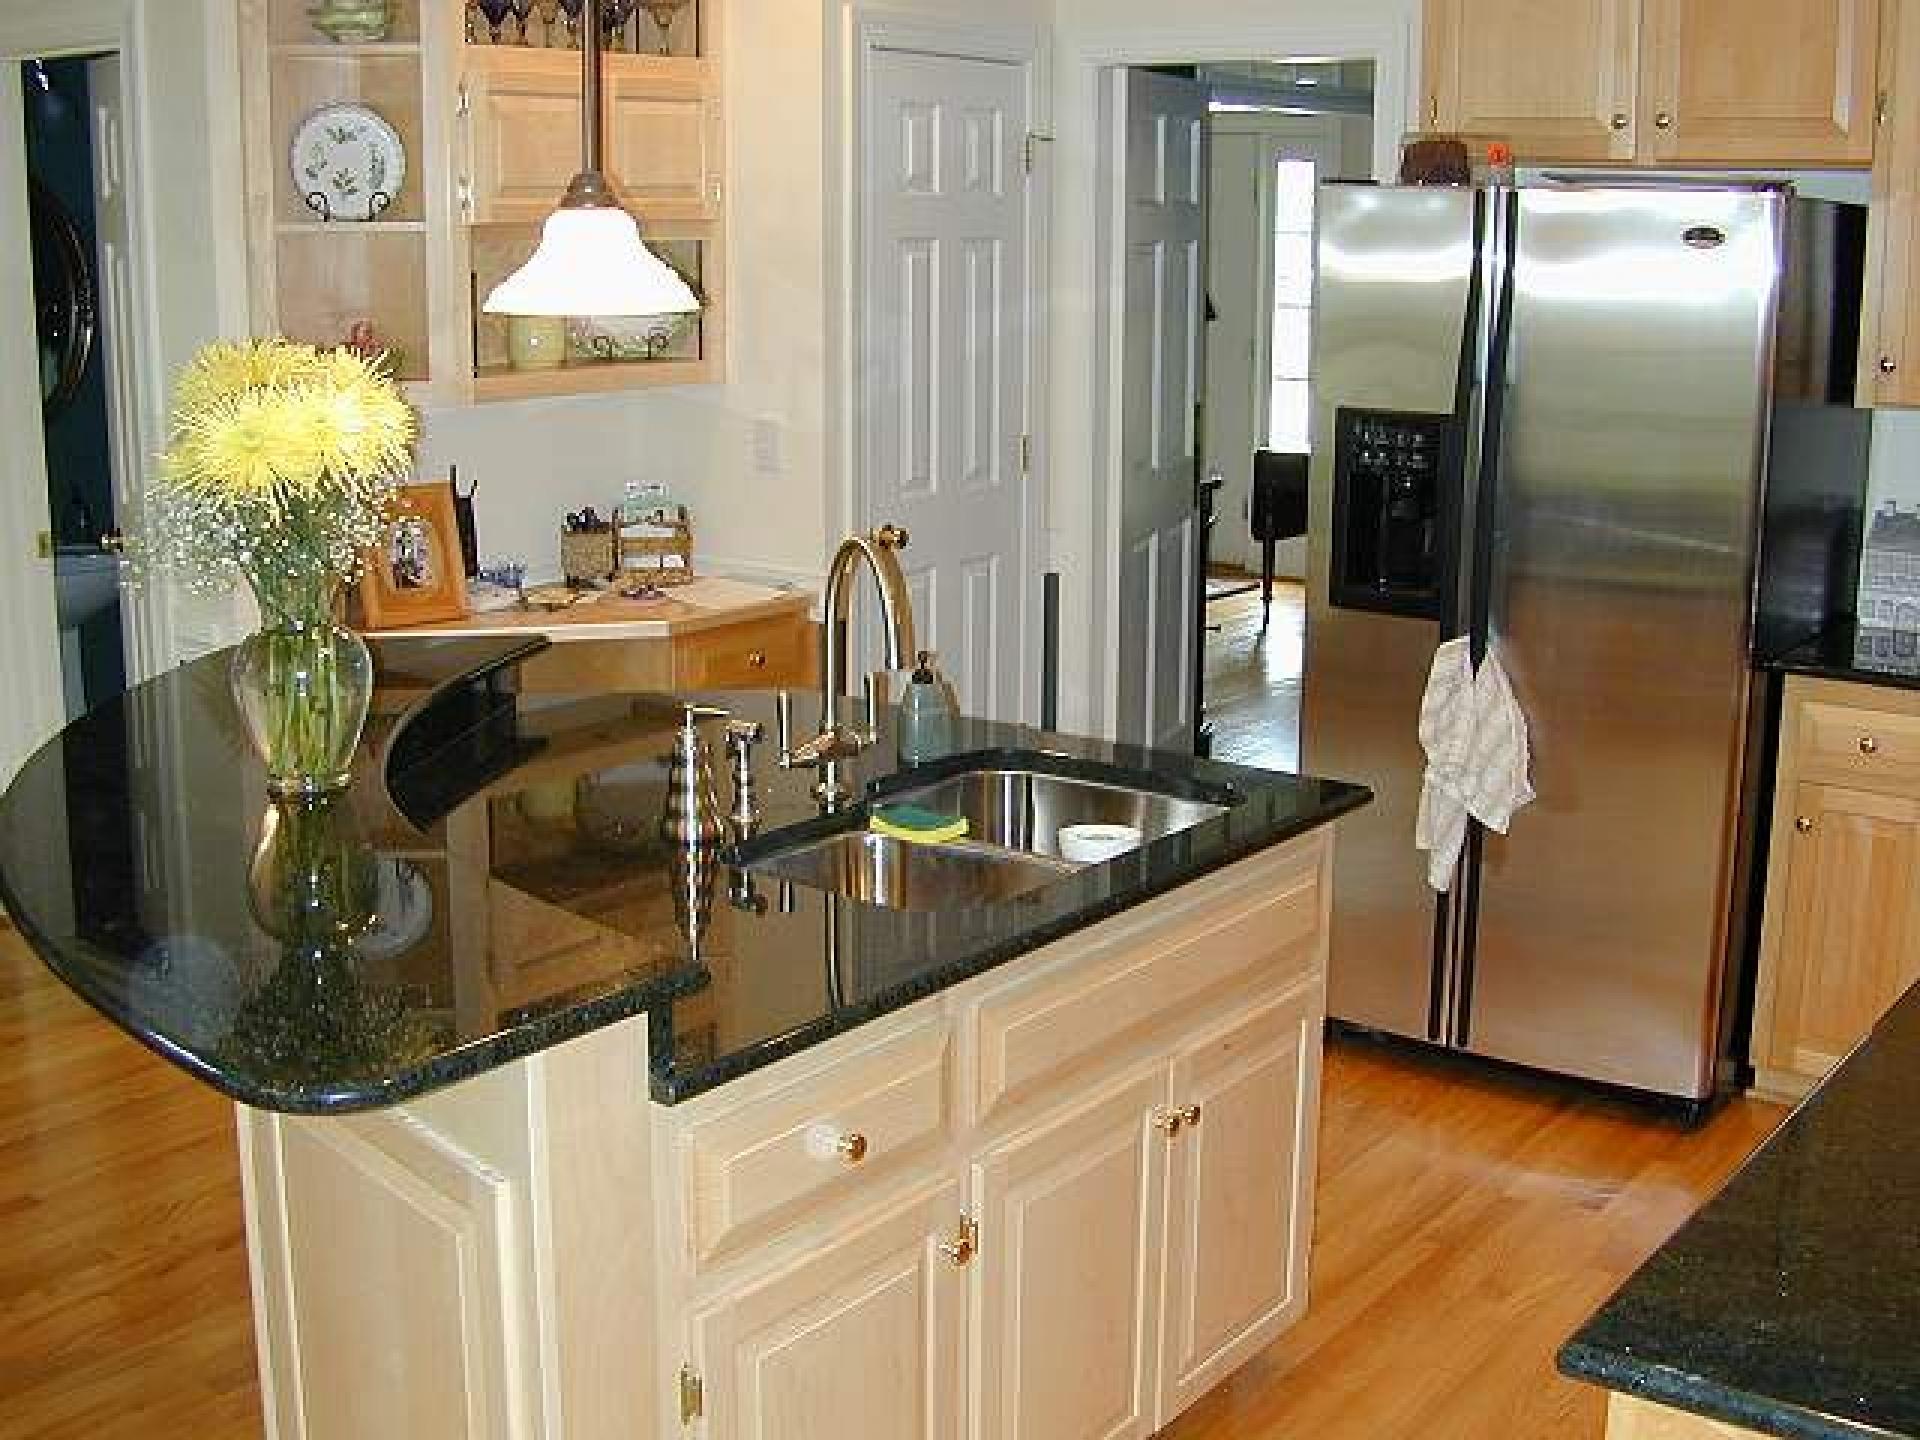 kitchen design ideas island photo - 5